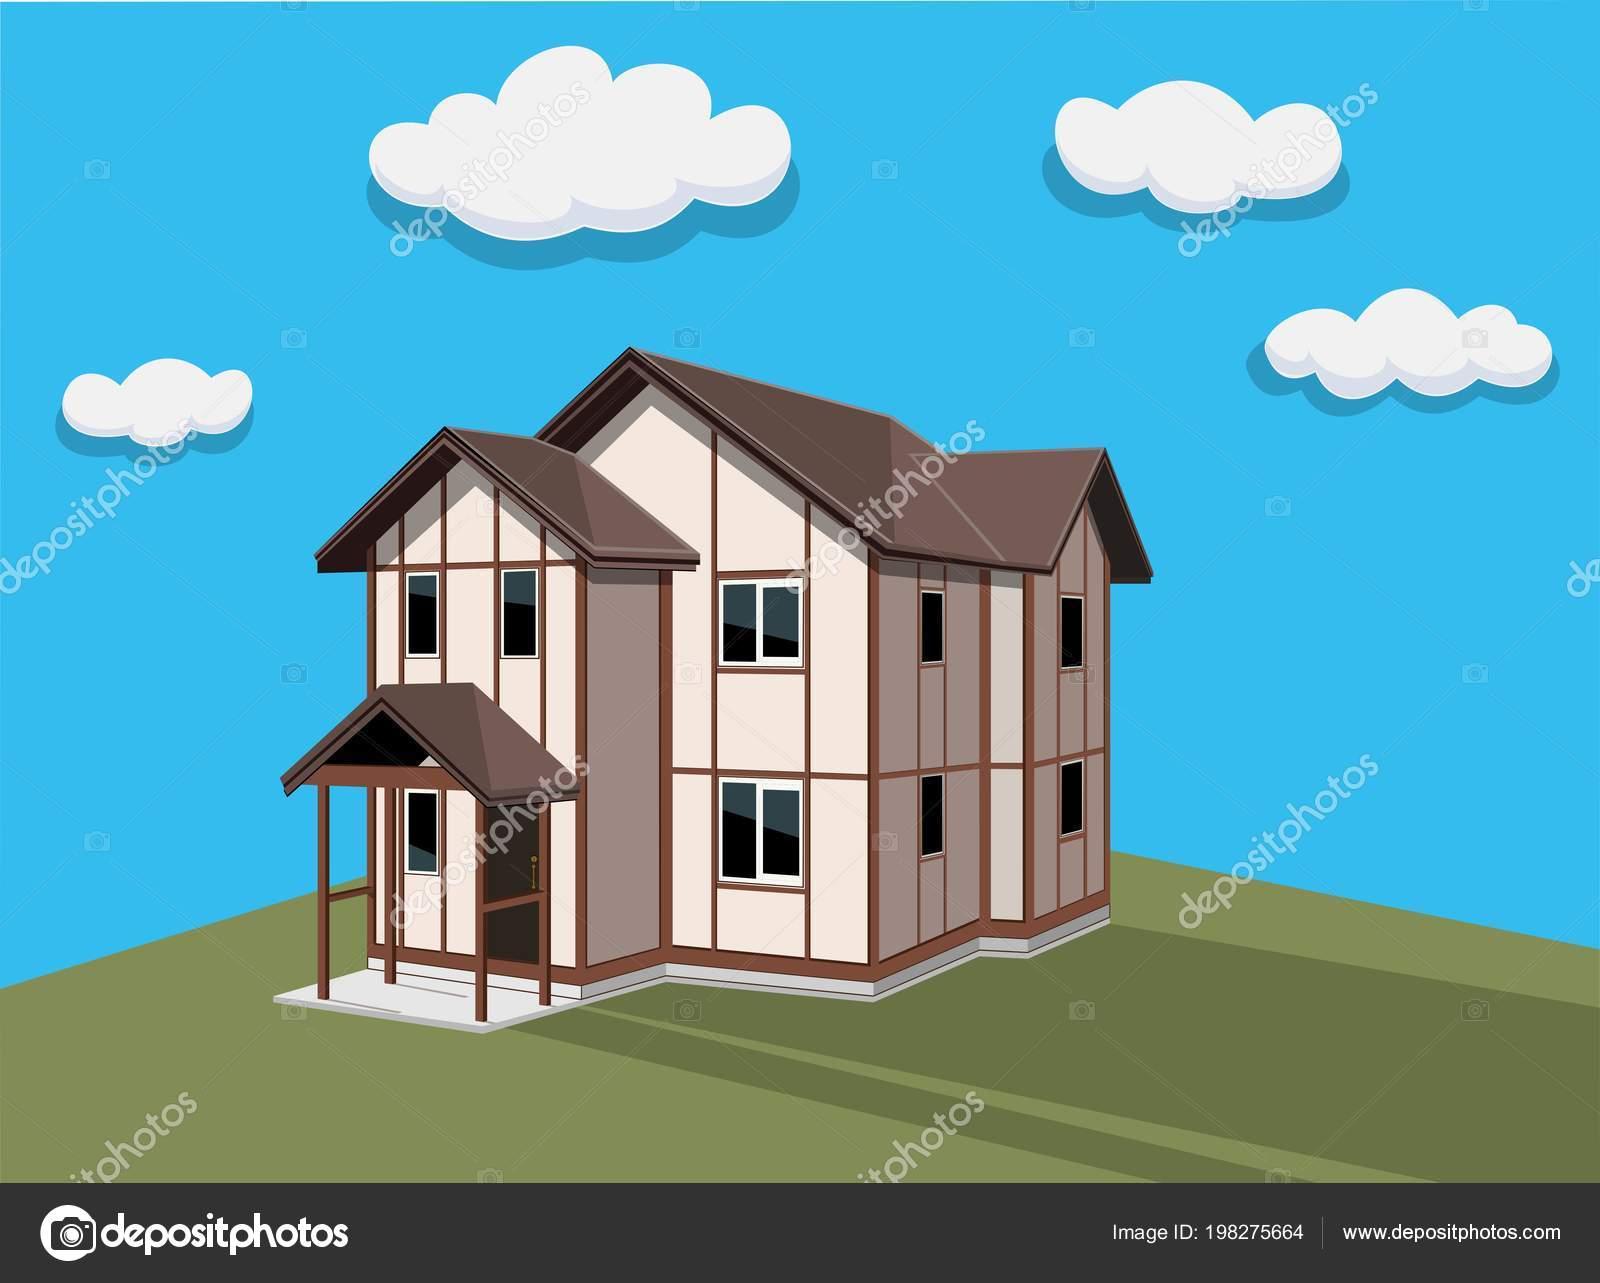 Esterno Di Una Casa : Esterno della casa illustrazione vettore edificio moderno facciata